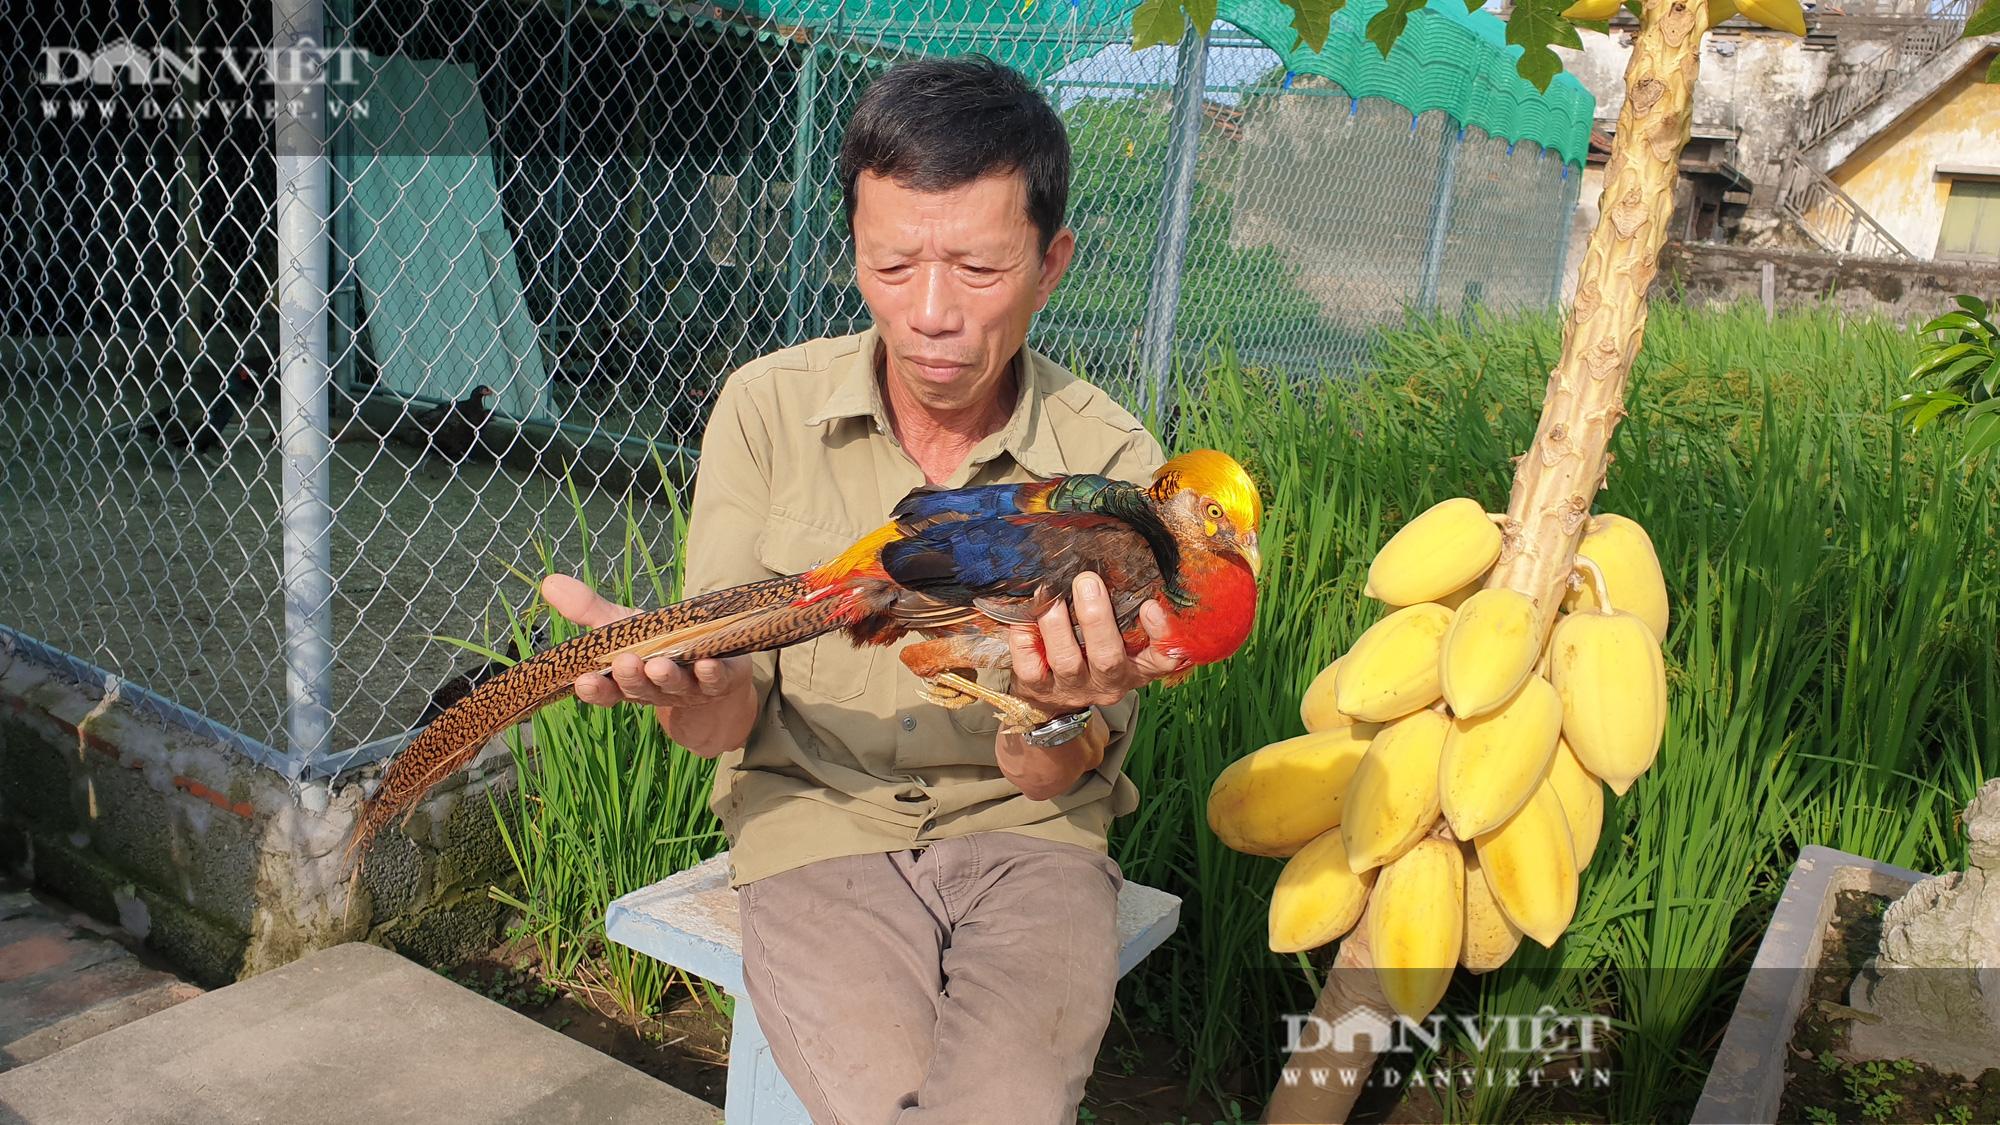 Nam Định: Nuôi đủ loại chim quý hiếm, lão nông đút túi trăm triệu mỗi năm. - Ảnh 2.